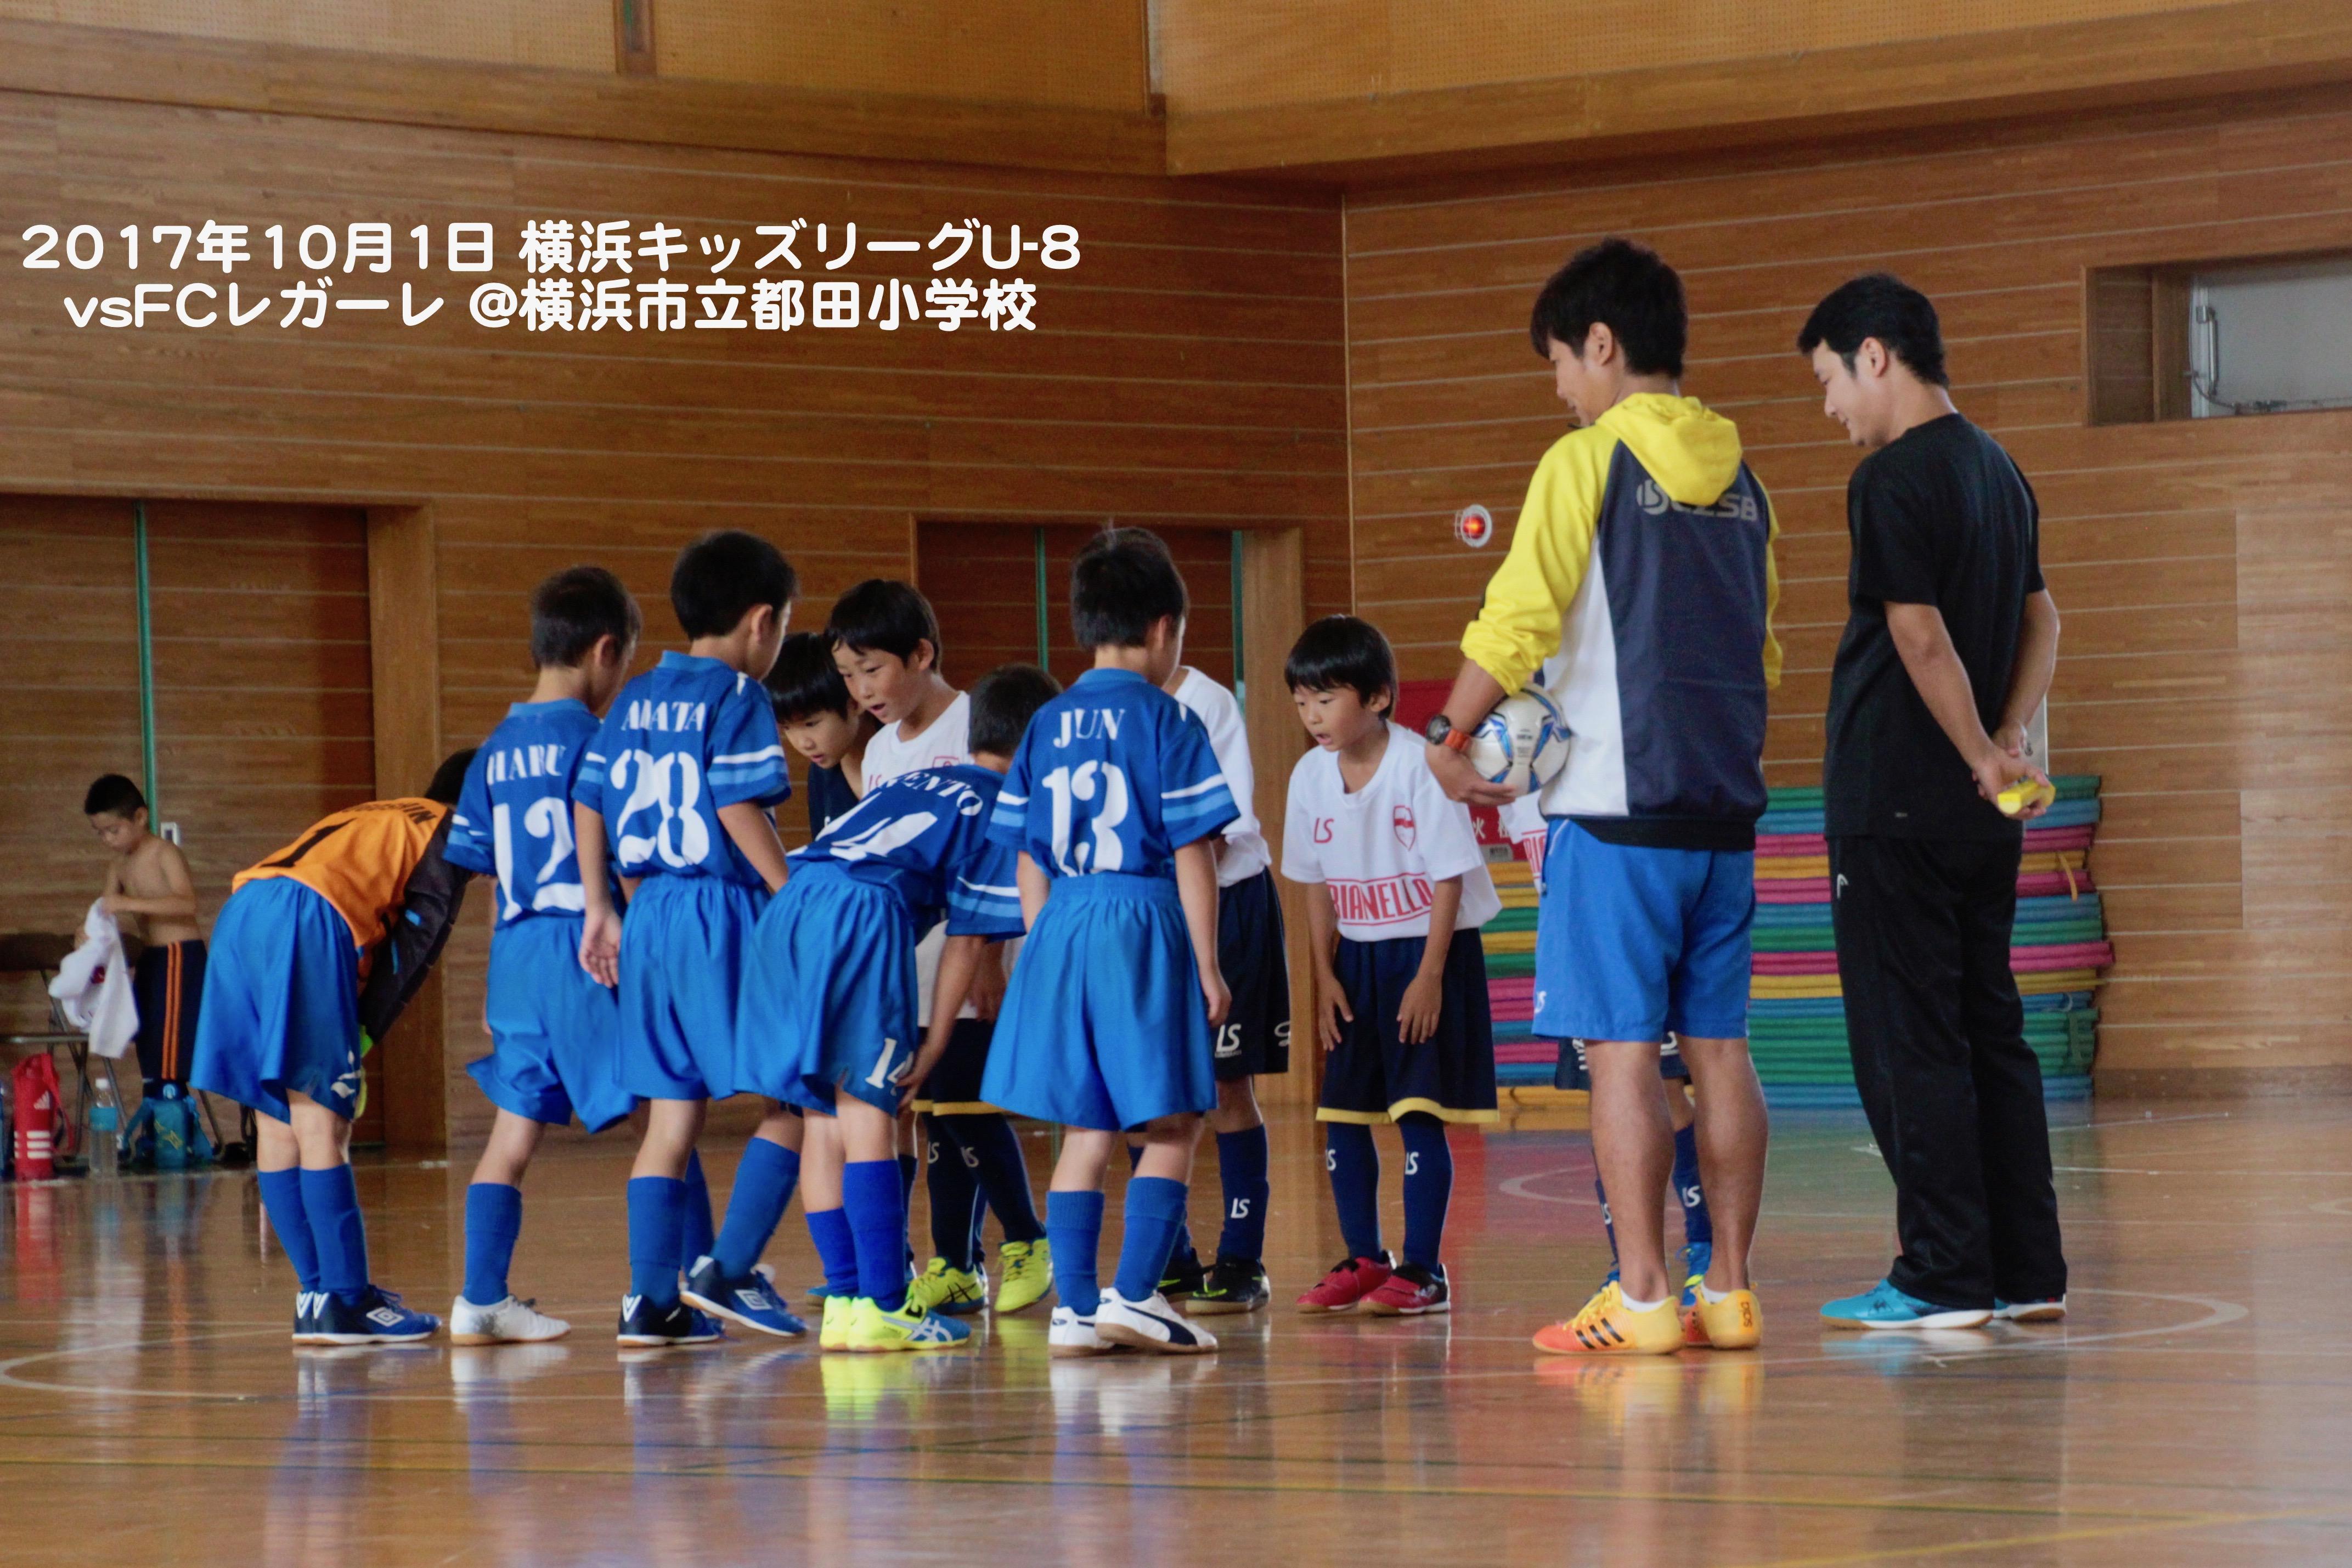 171001yokohamakidu1